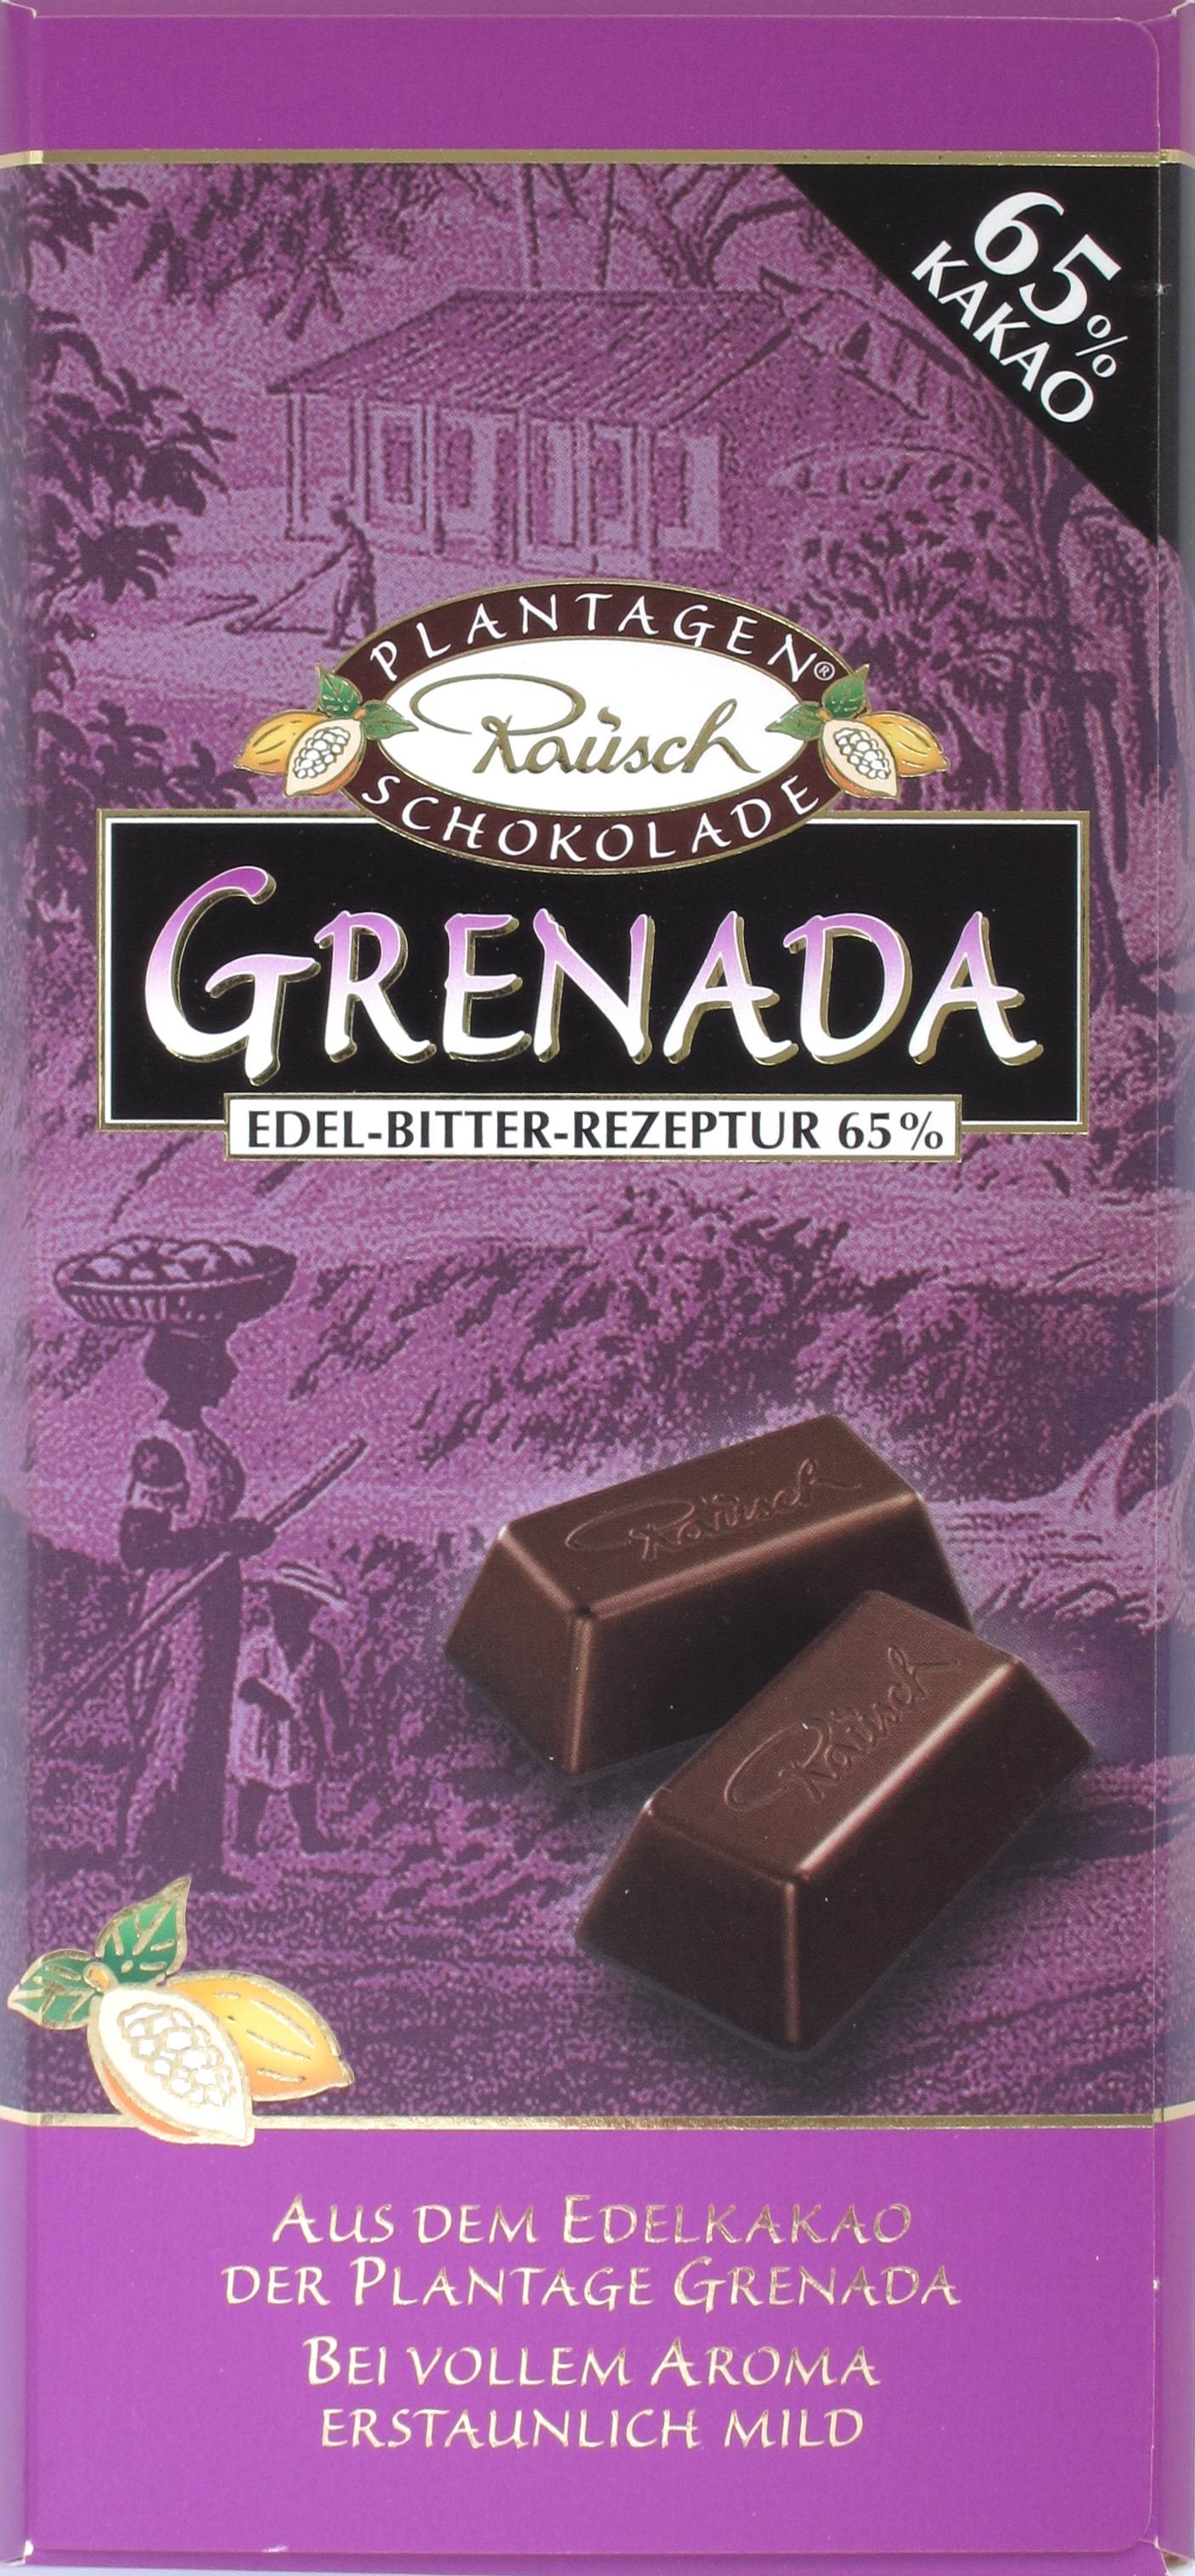 Rausch 65% Schokolade